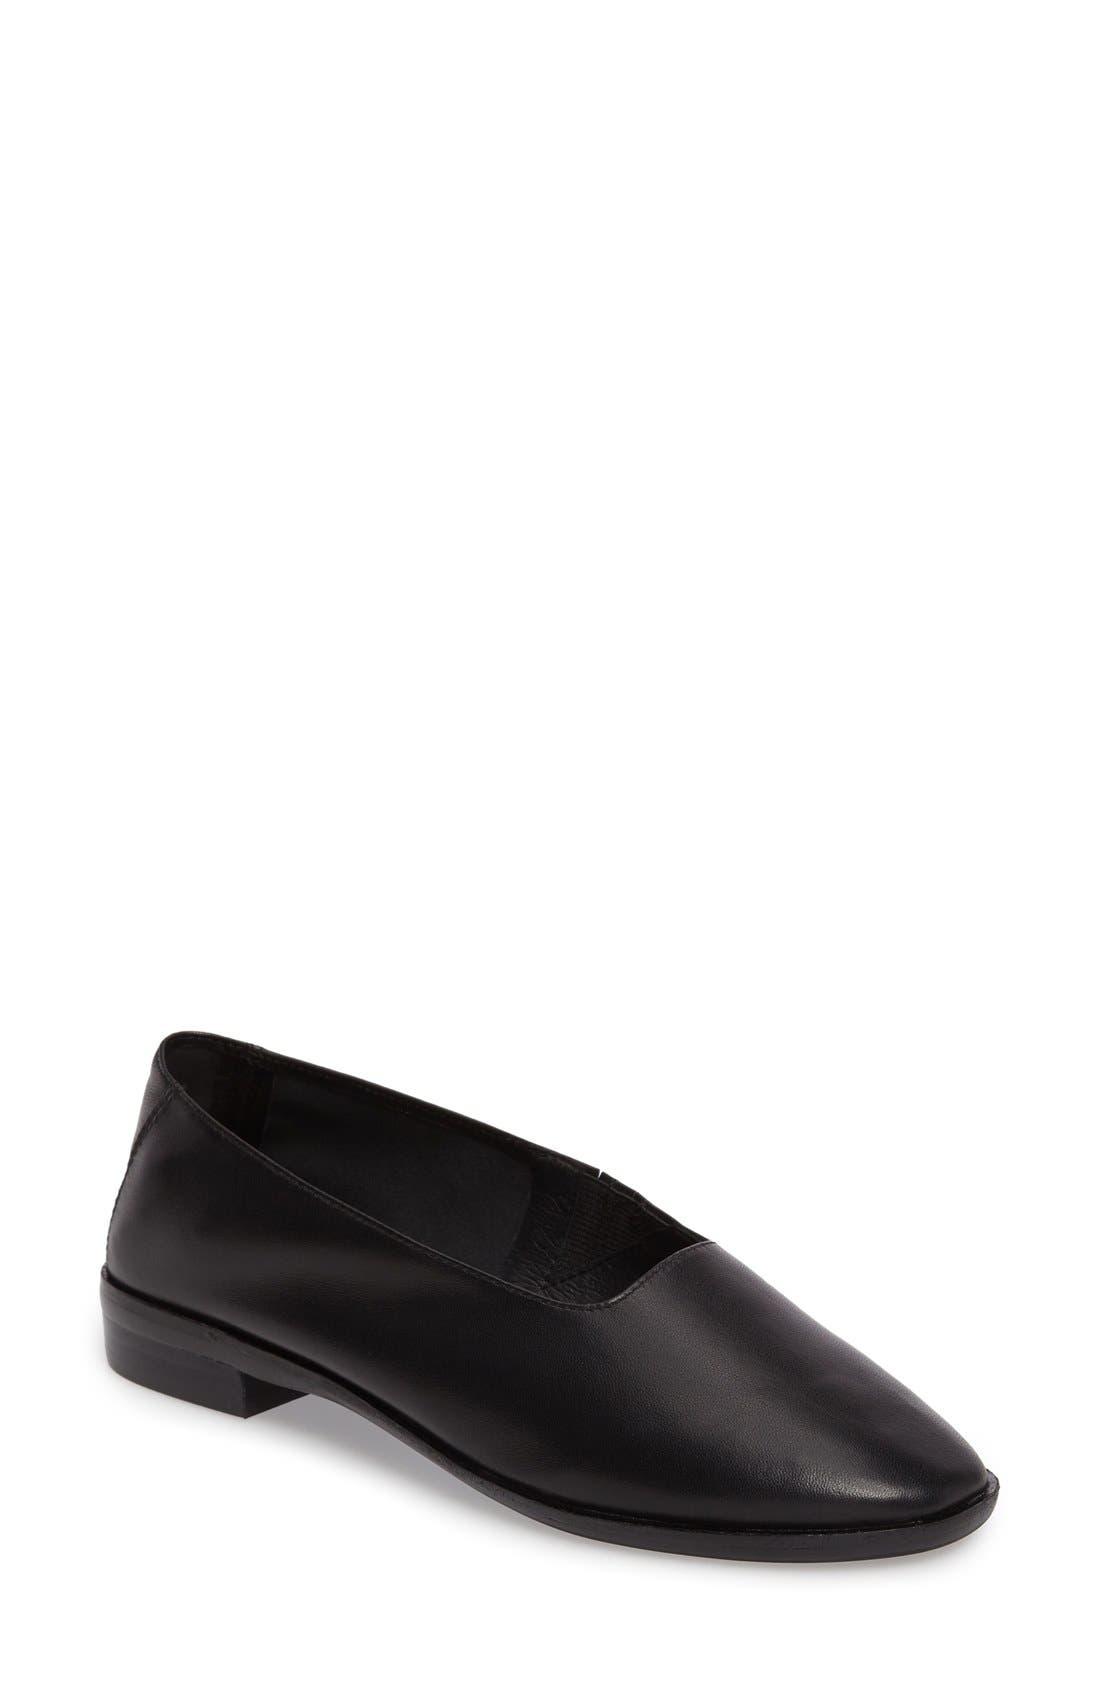 'Jordan' Flat,                             Main thumbnail 1, color,                             Black Leather